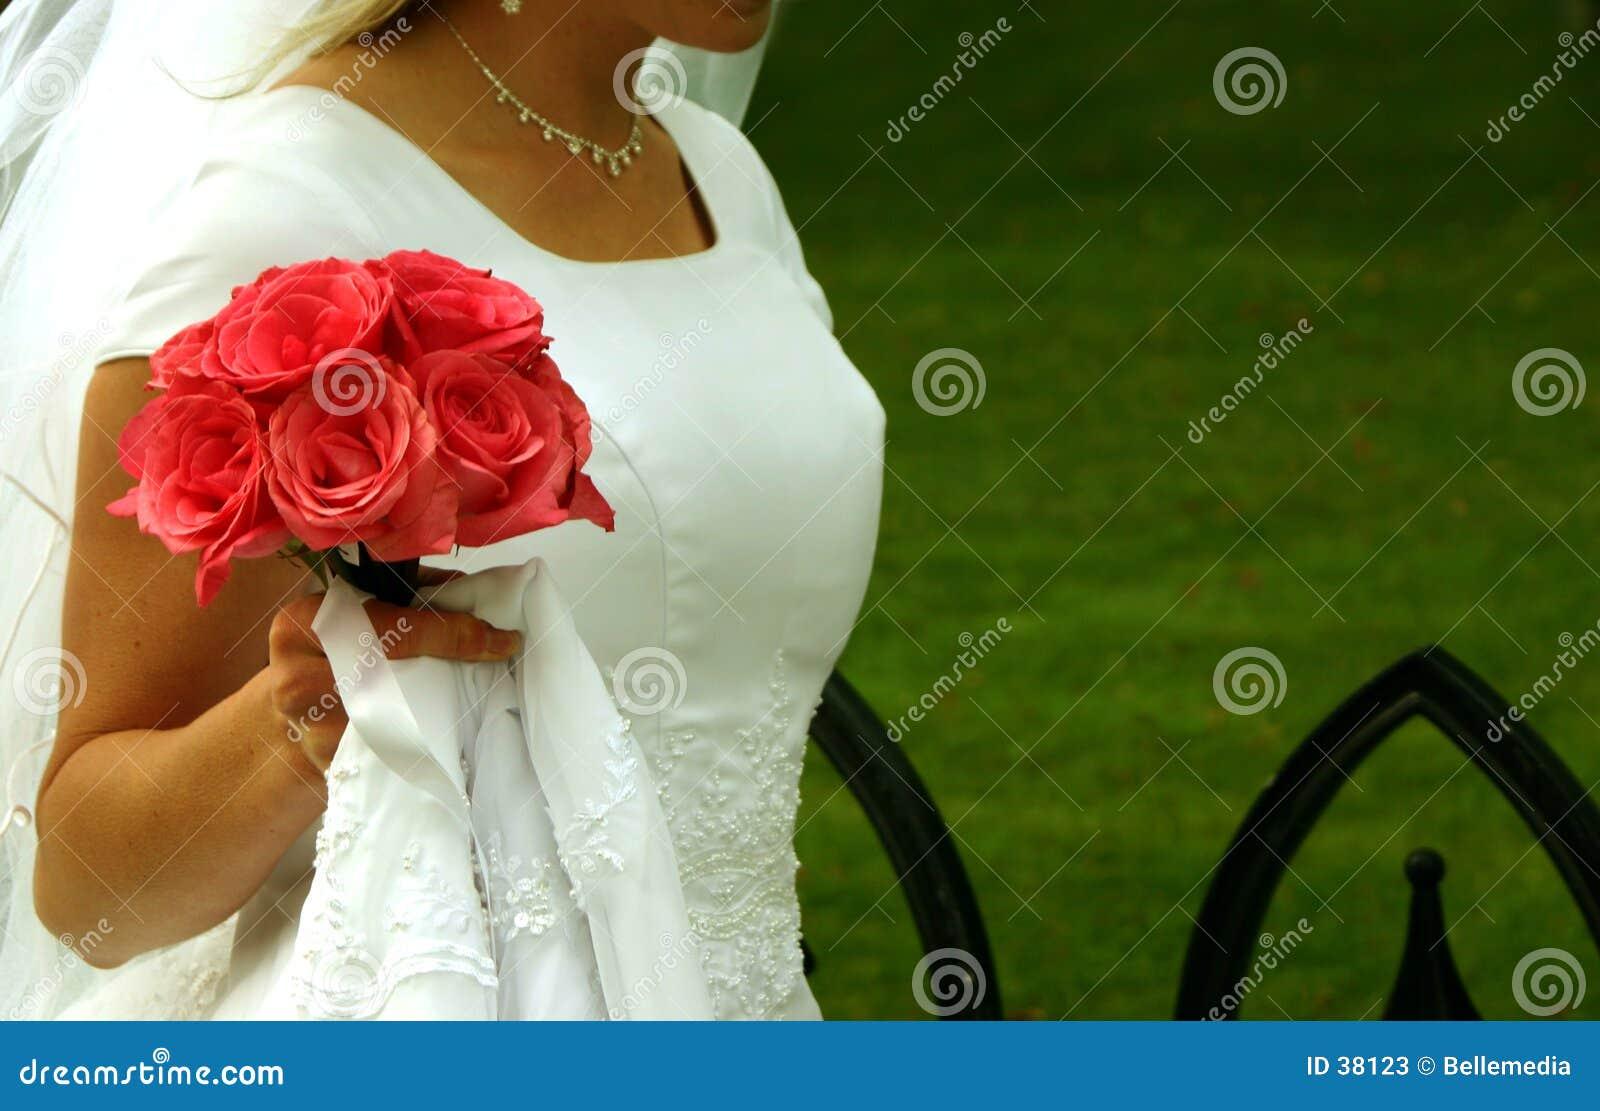 Sposa che cammina con i suoi fiori